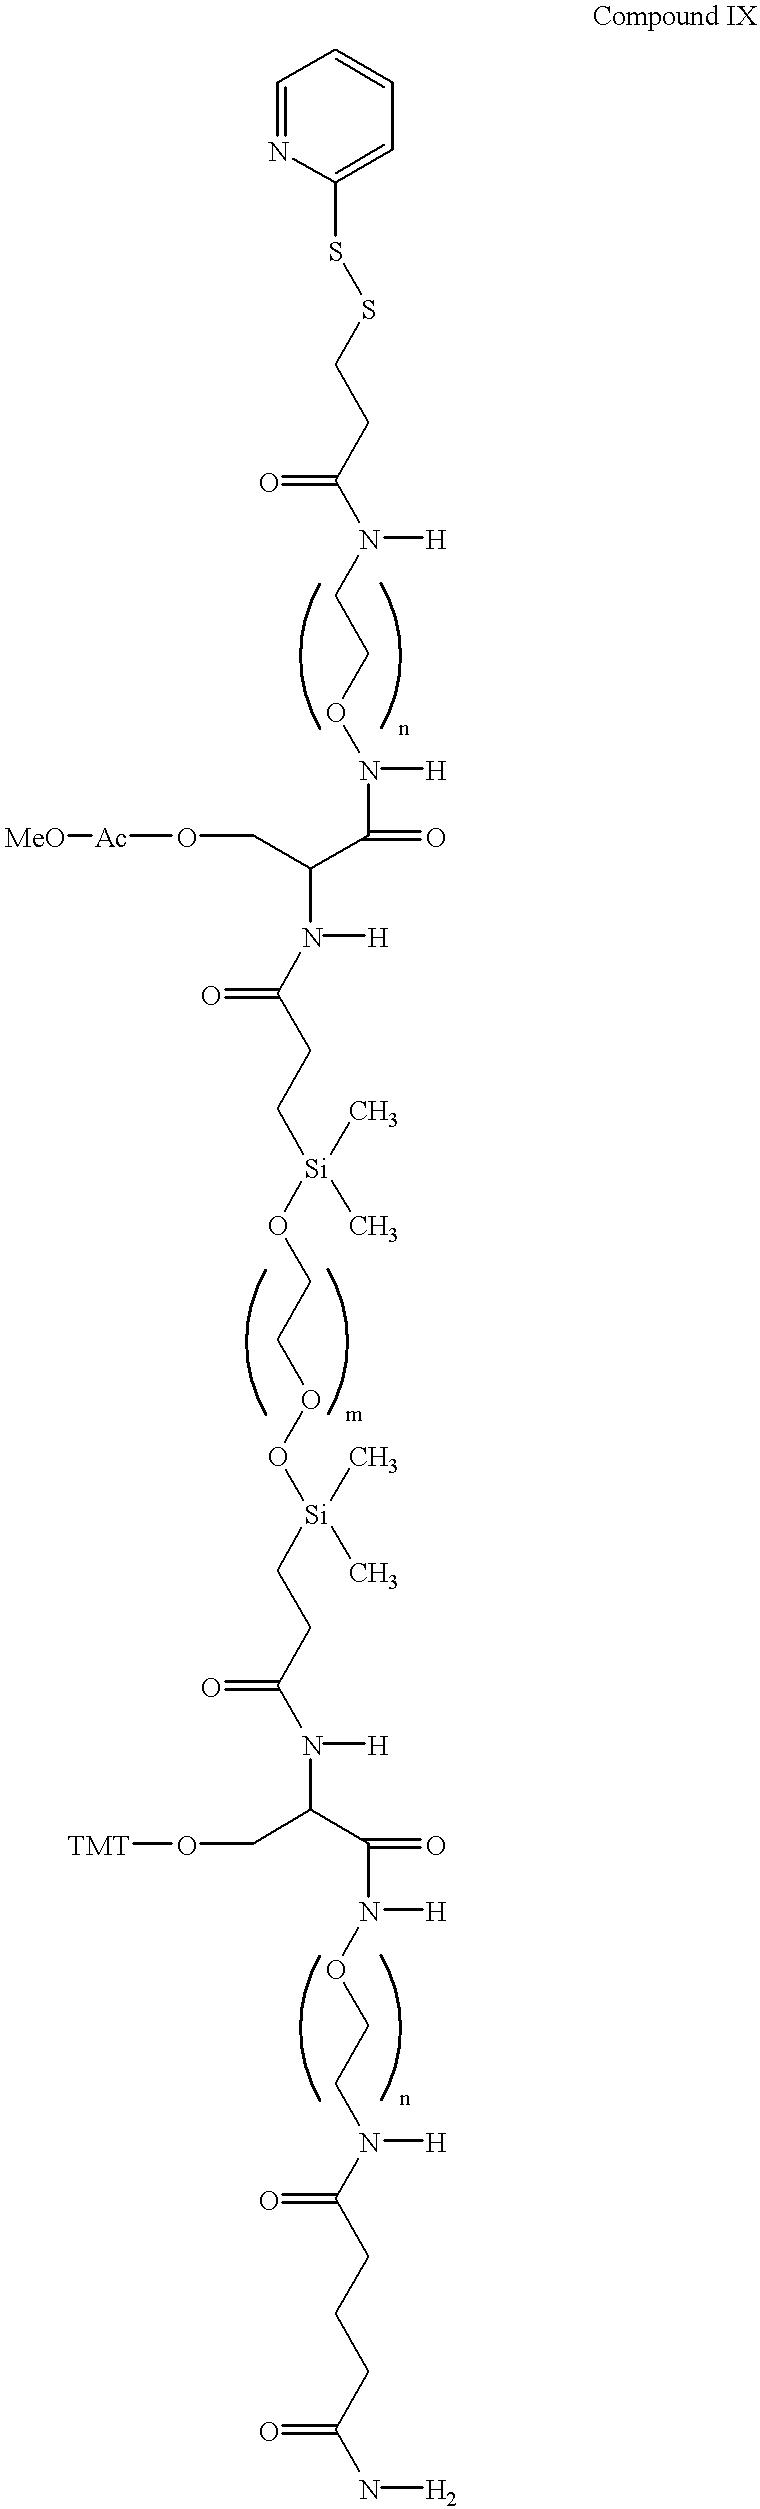 Figure US06312901-20011106-C00009